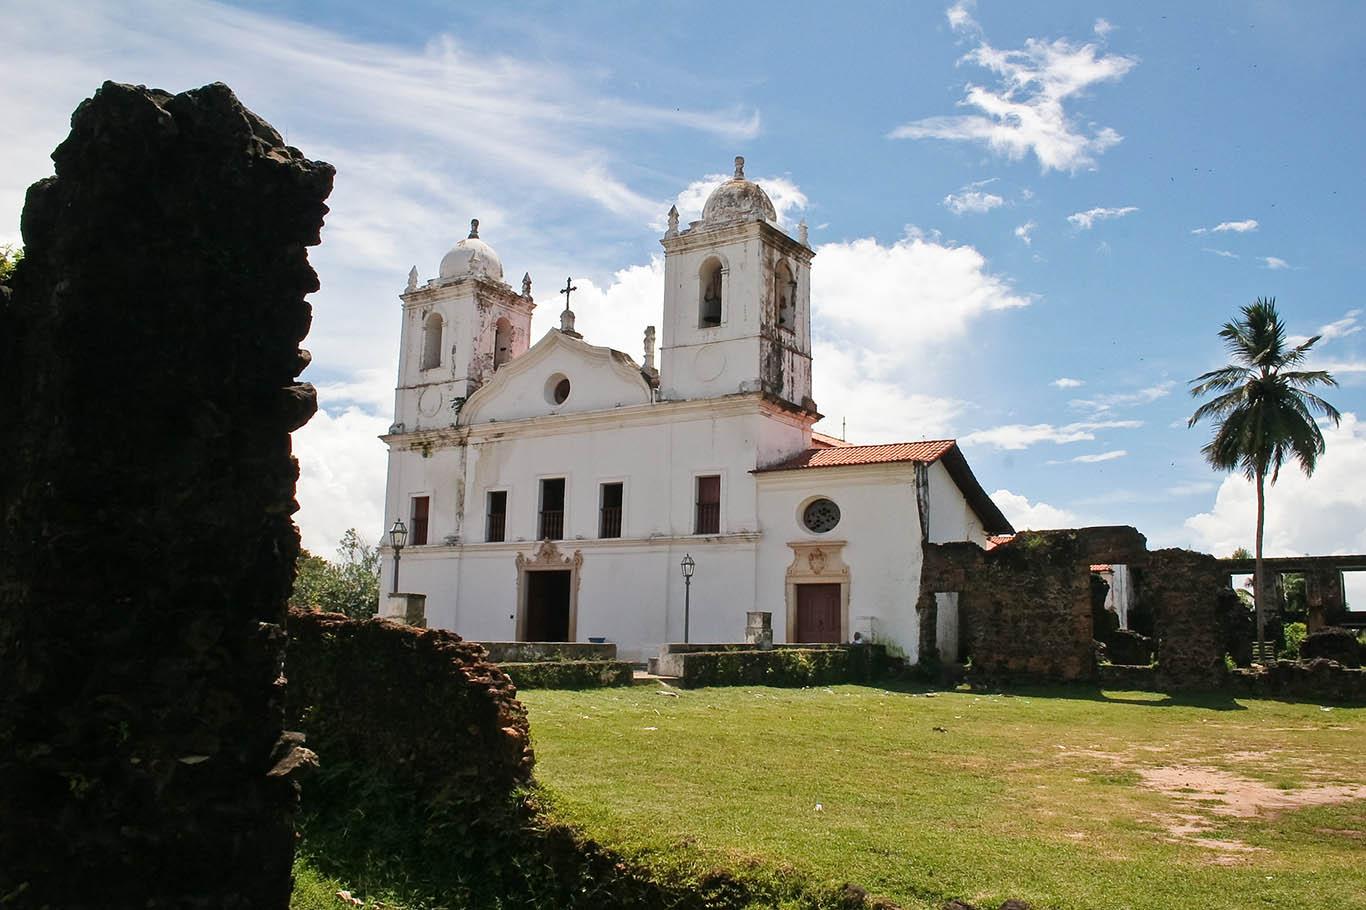 Passar o Reveillon, Igreja Matriz de São Matias, Alcântara, Maranhão